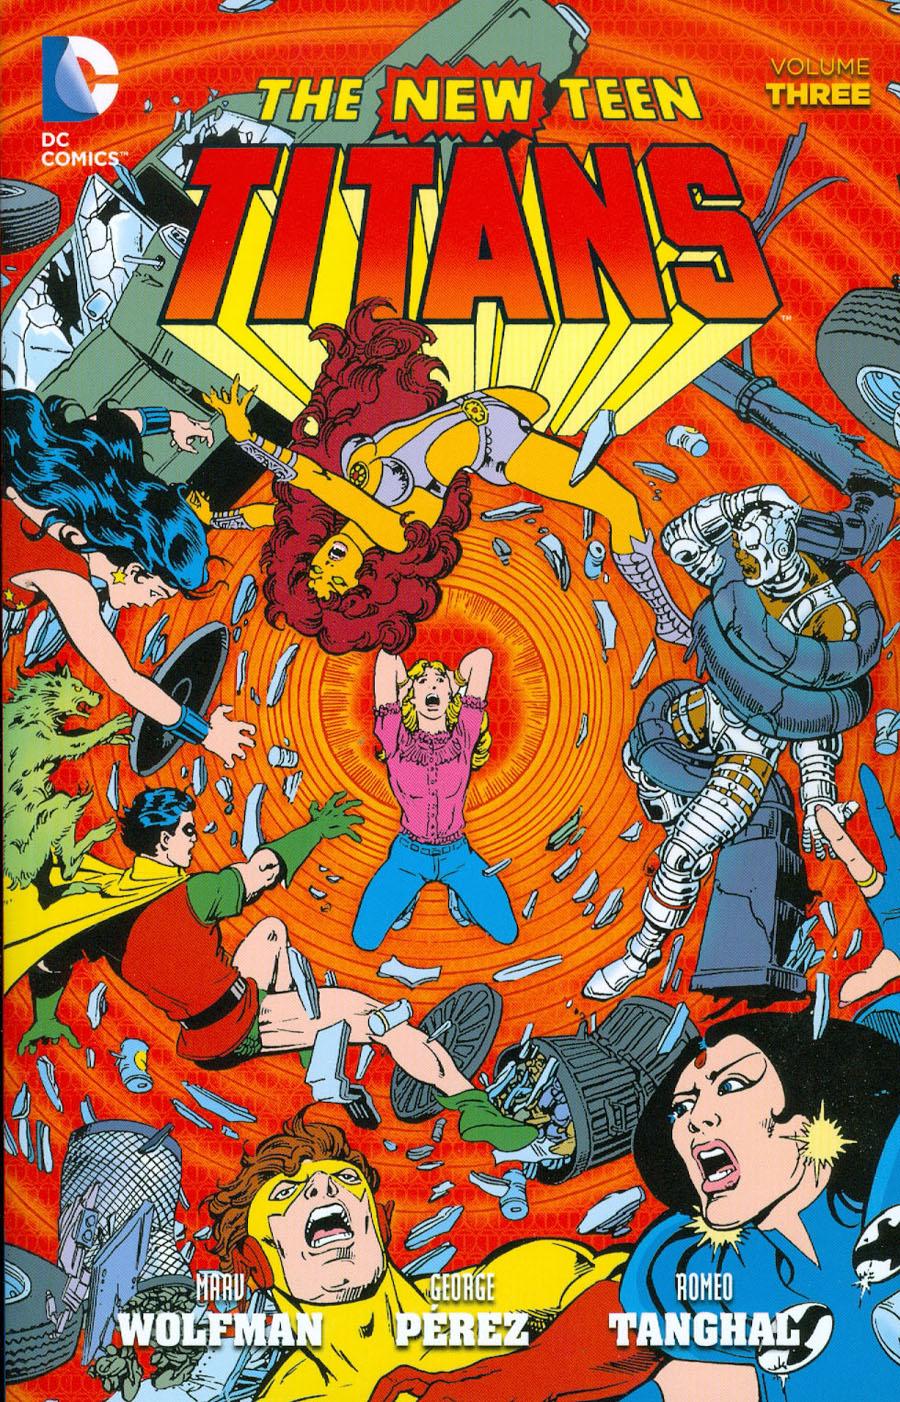 New Teen Titans Vol 3 TP